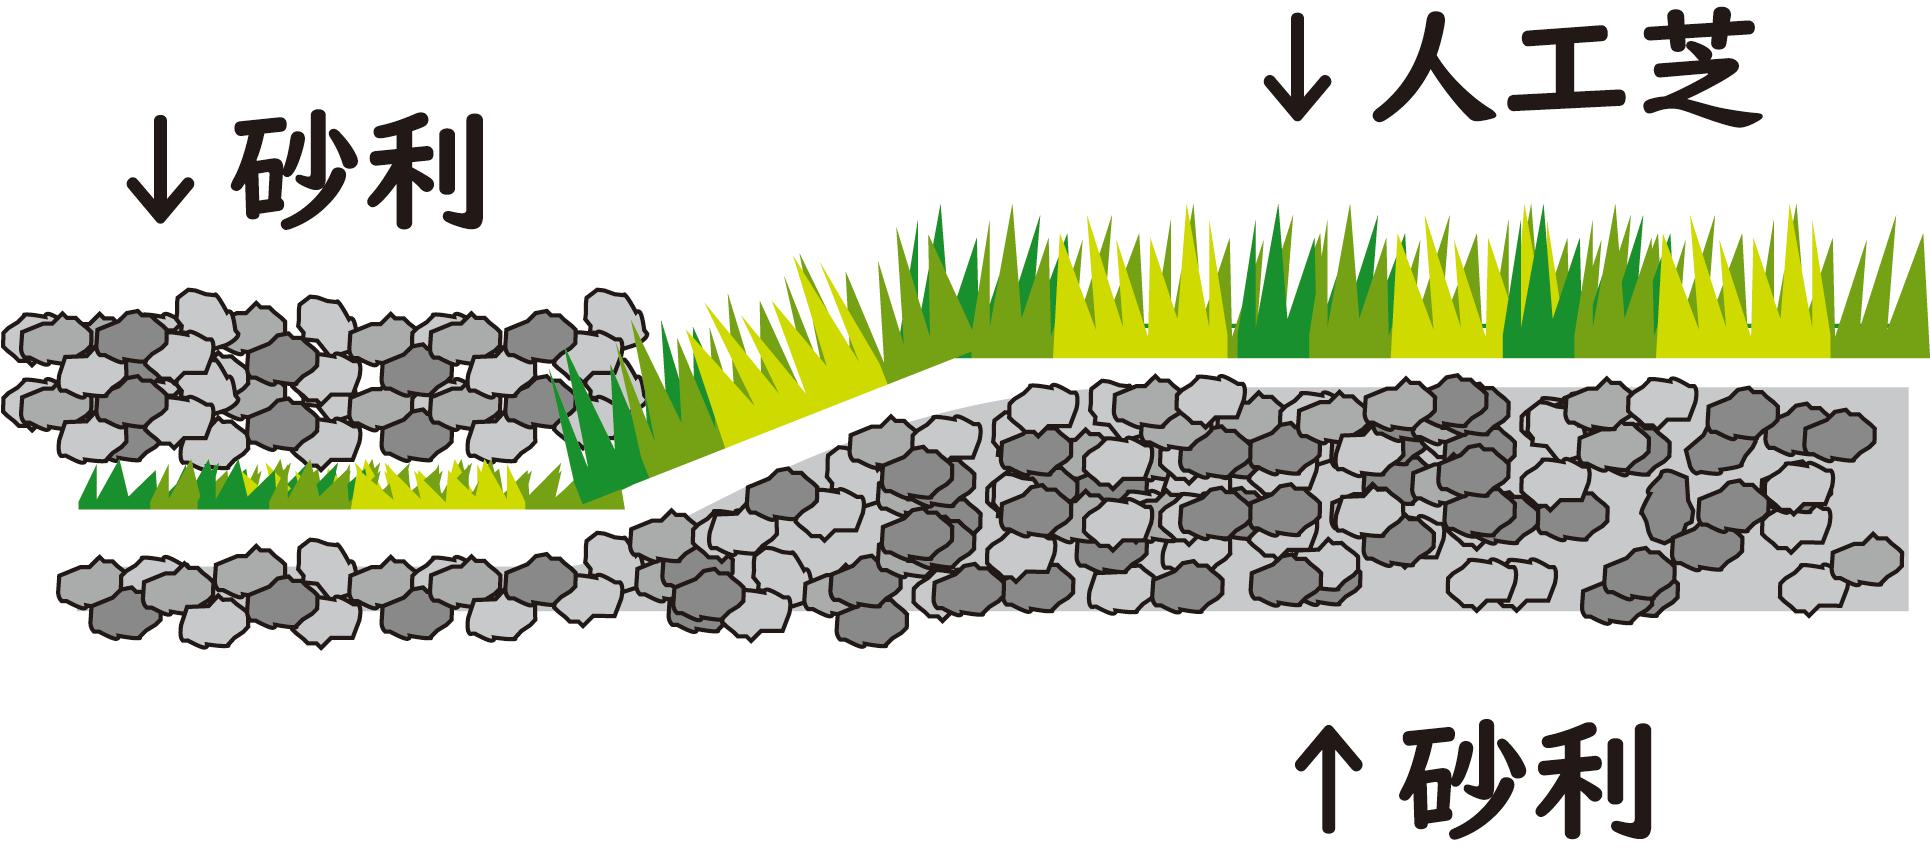 人工芝を砂利の上に置いただけの図の画像